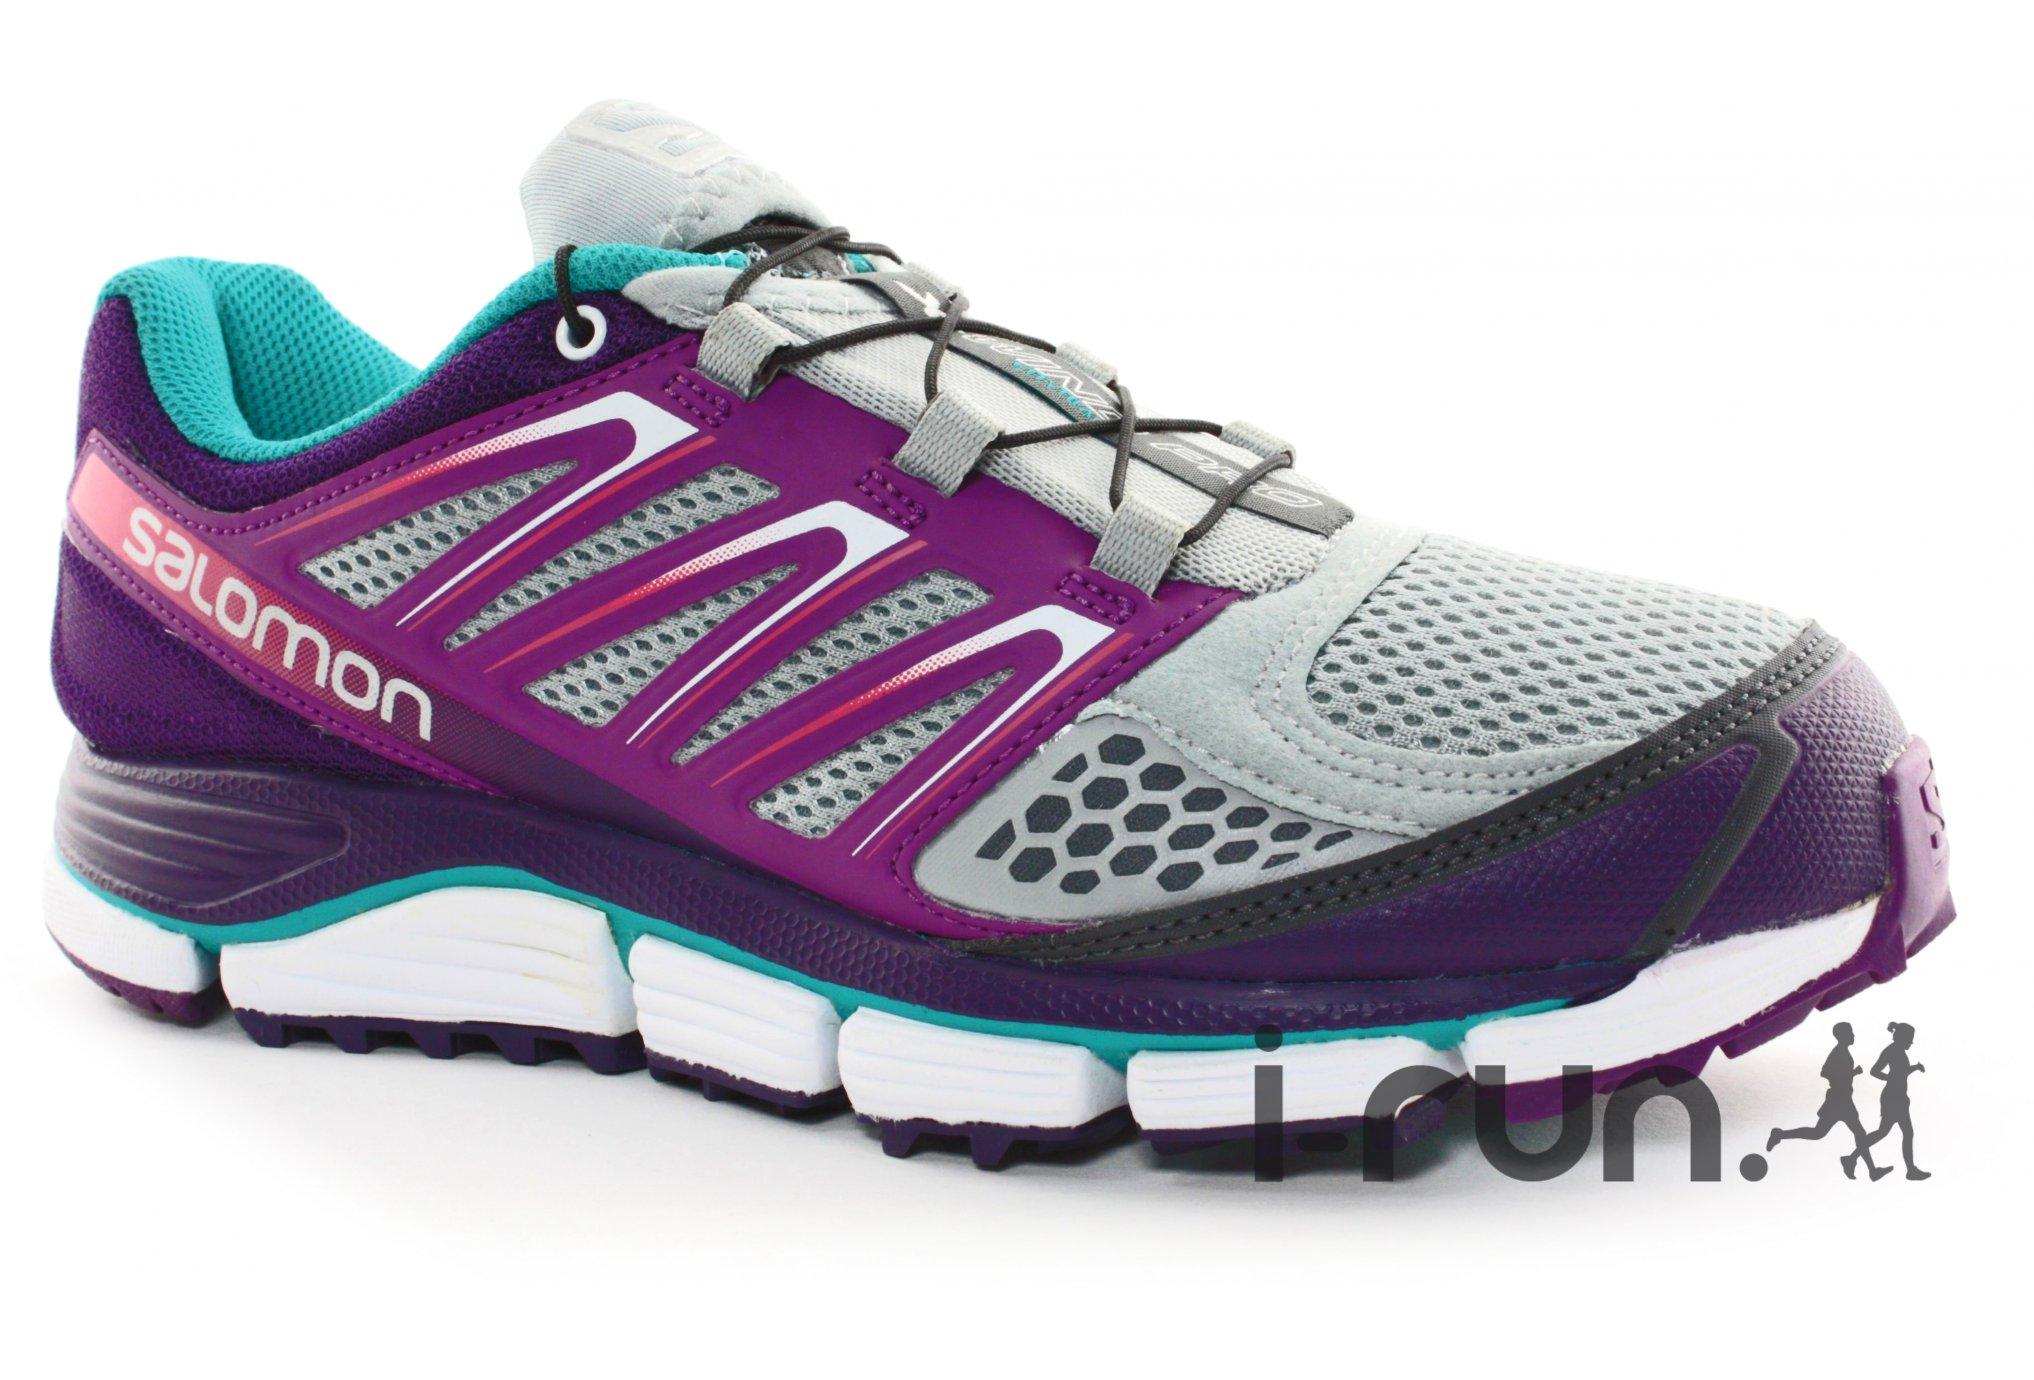 Salomon X-Wind Pro W Chaussures running femme